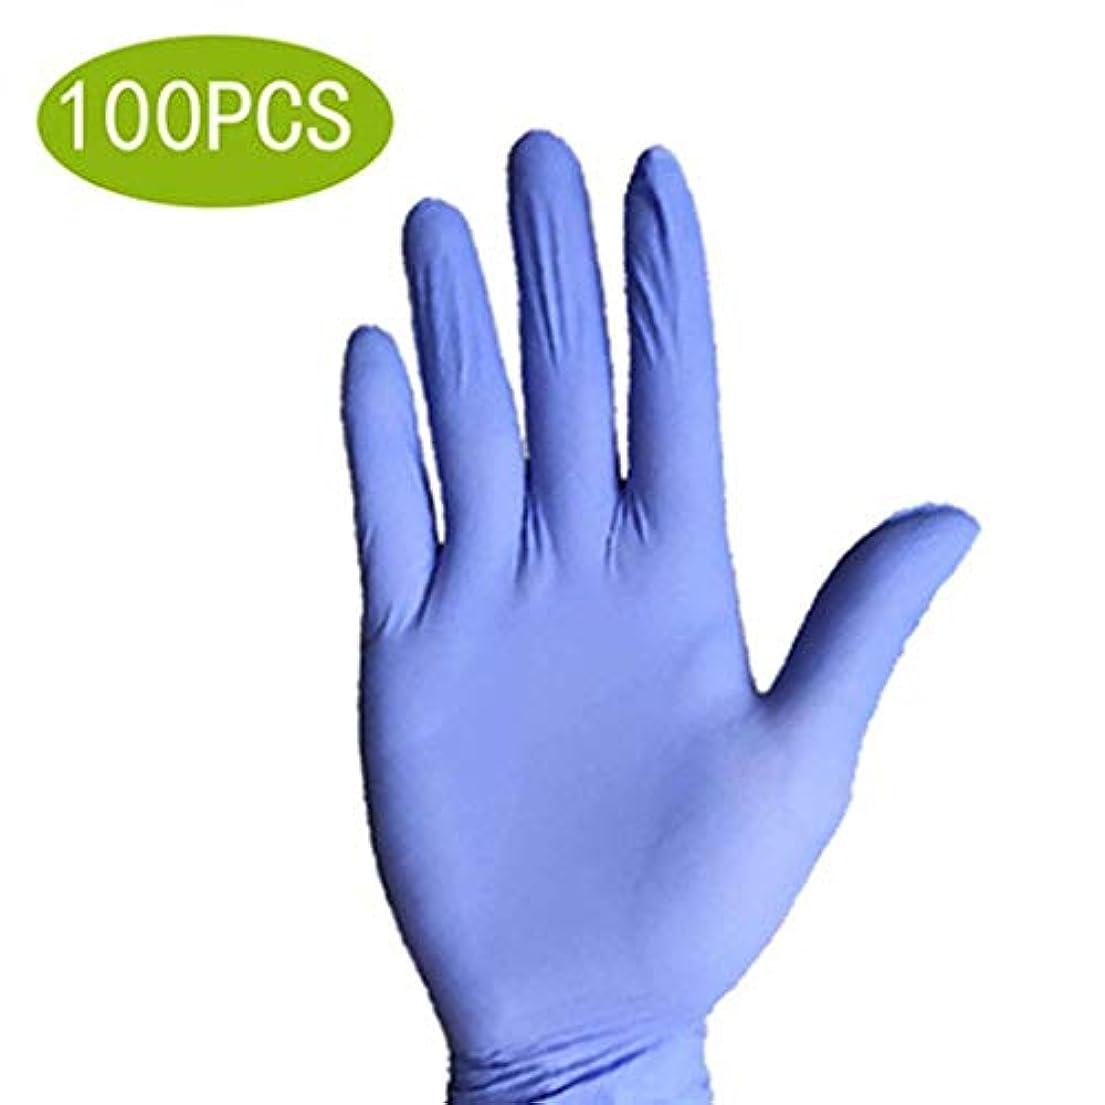 絵区別空虚保護用使い捨てニトリル医療用手袋、ラテックスフリー、試験グレードの手袋、テクスチャード加工、両性、非滅菌、100個入り (Size : XL)